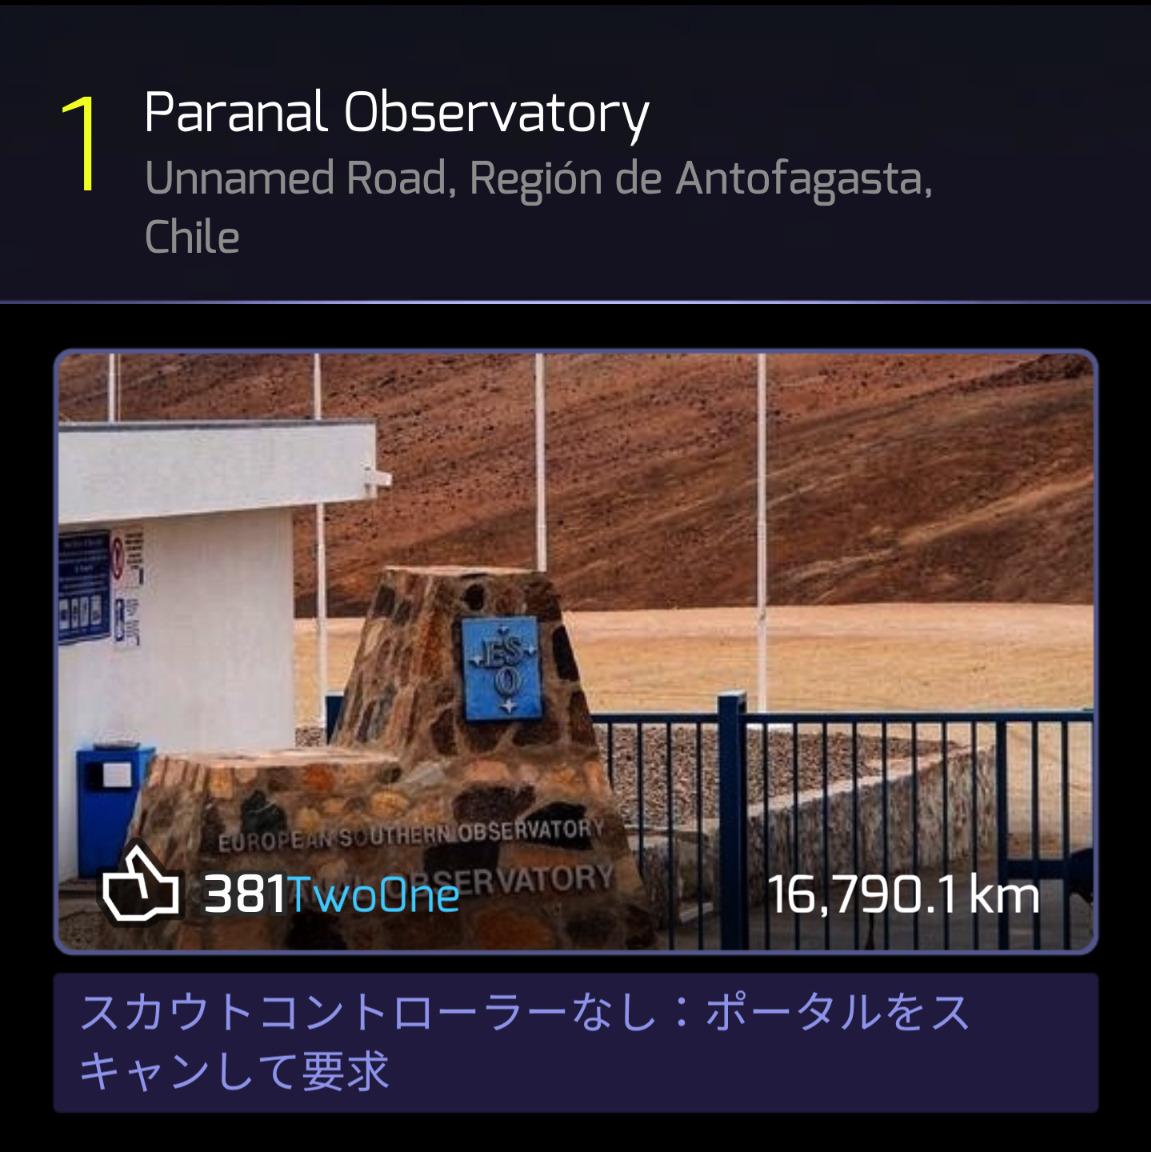 パラナル天文台